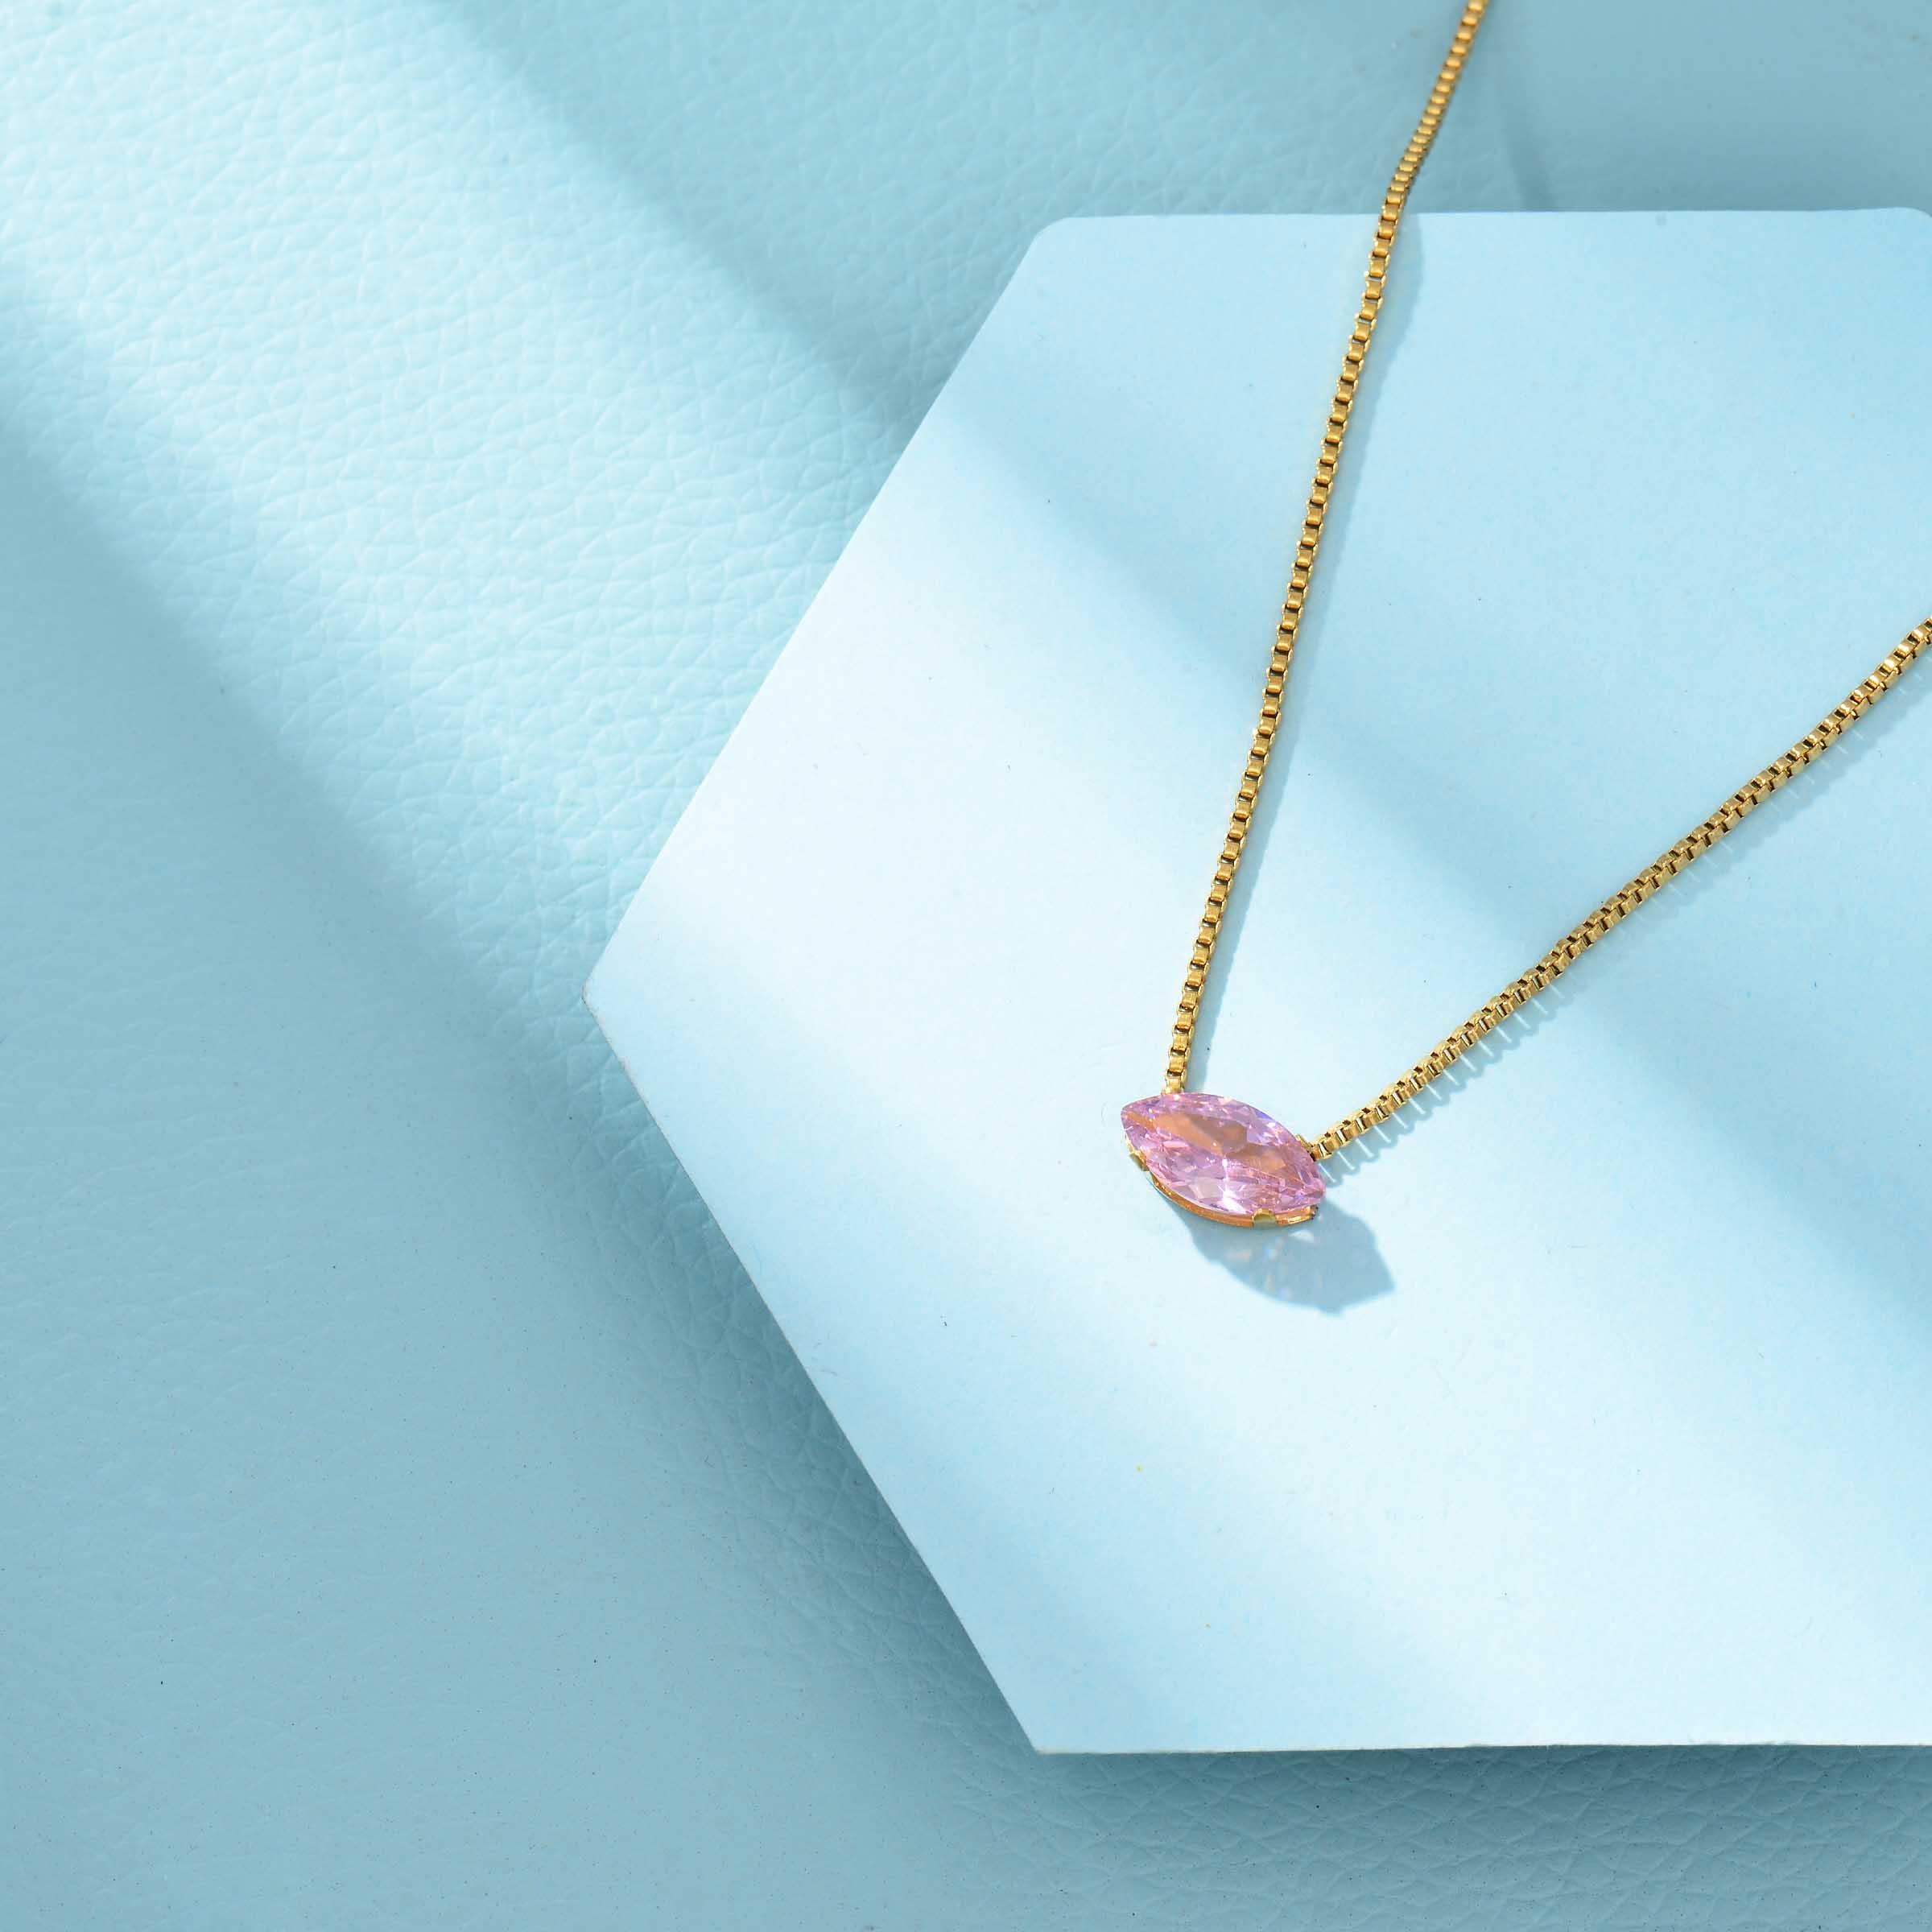 Collares de Acero Inoxidable para Mujer al por Mayor -SSNEG143-33861